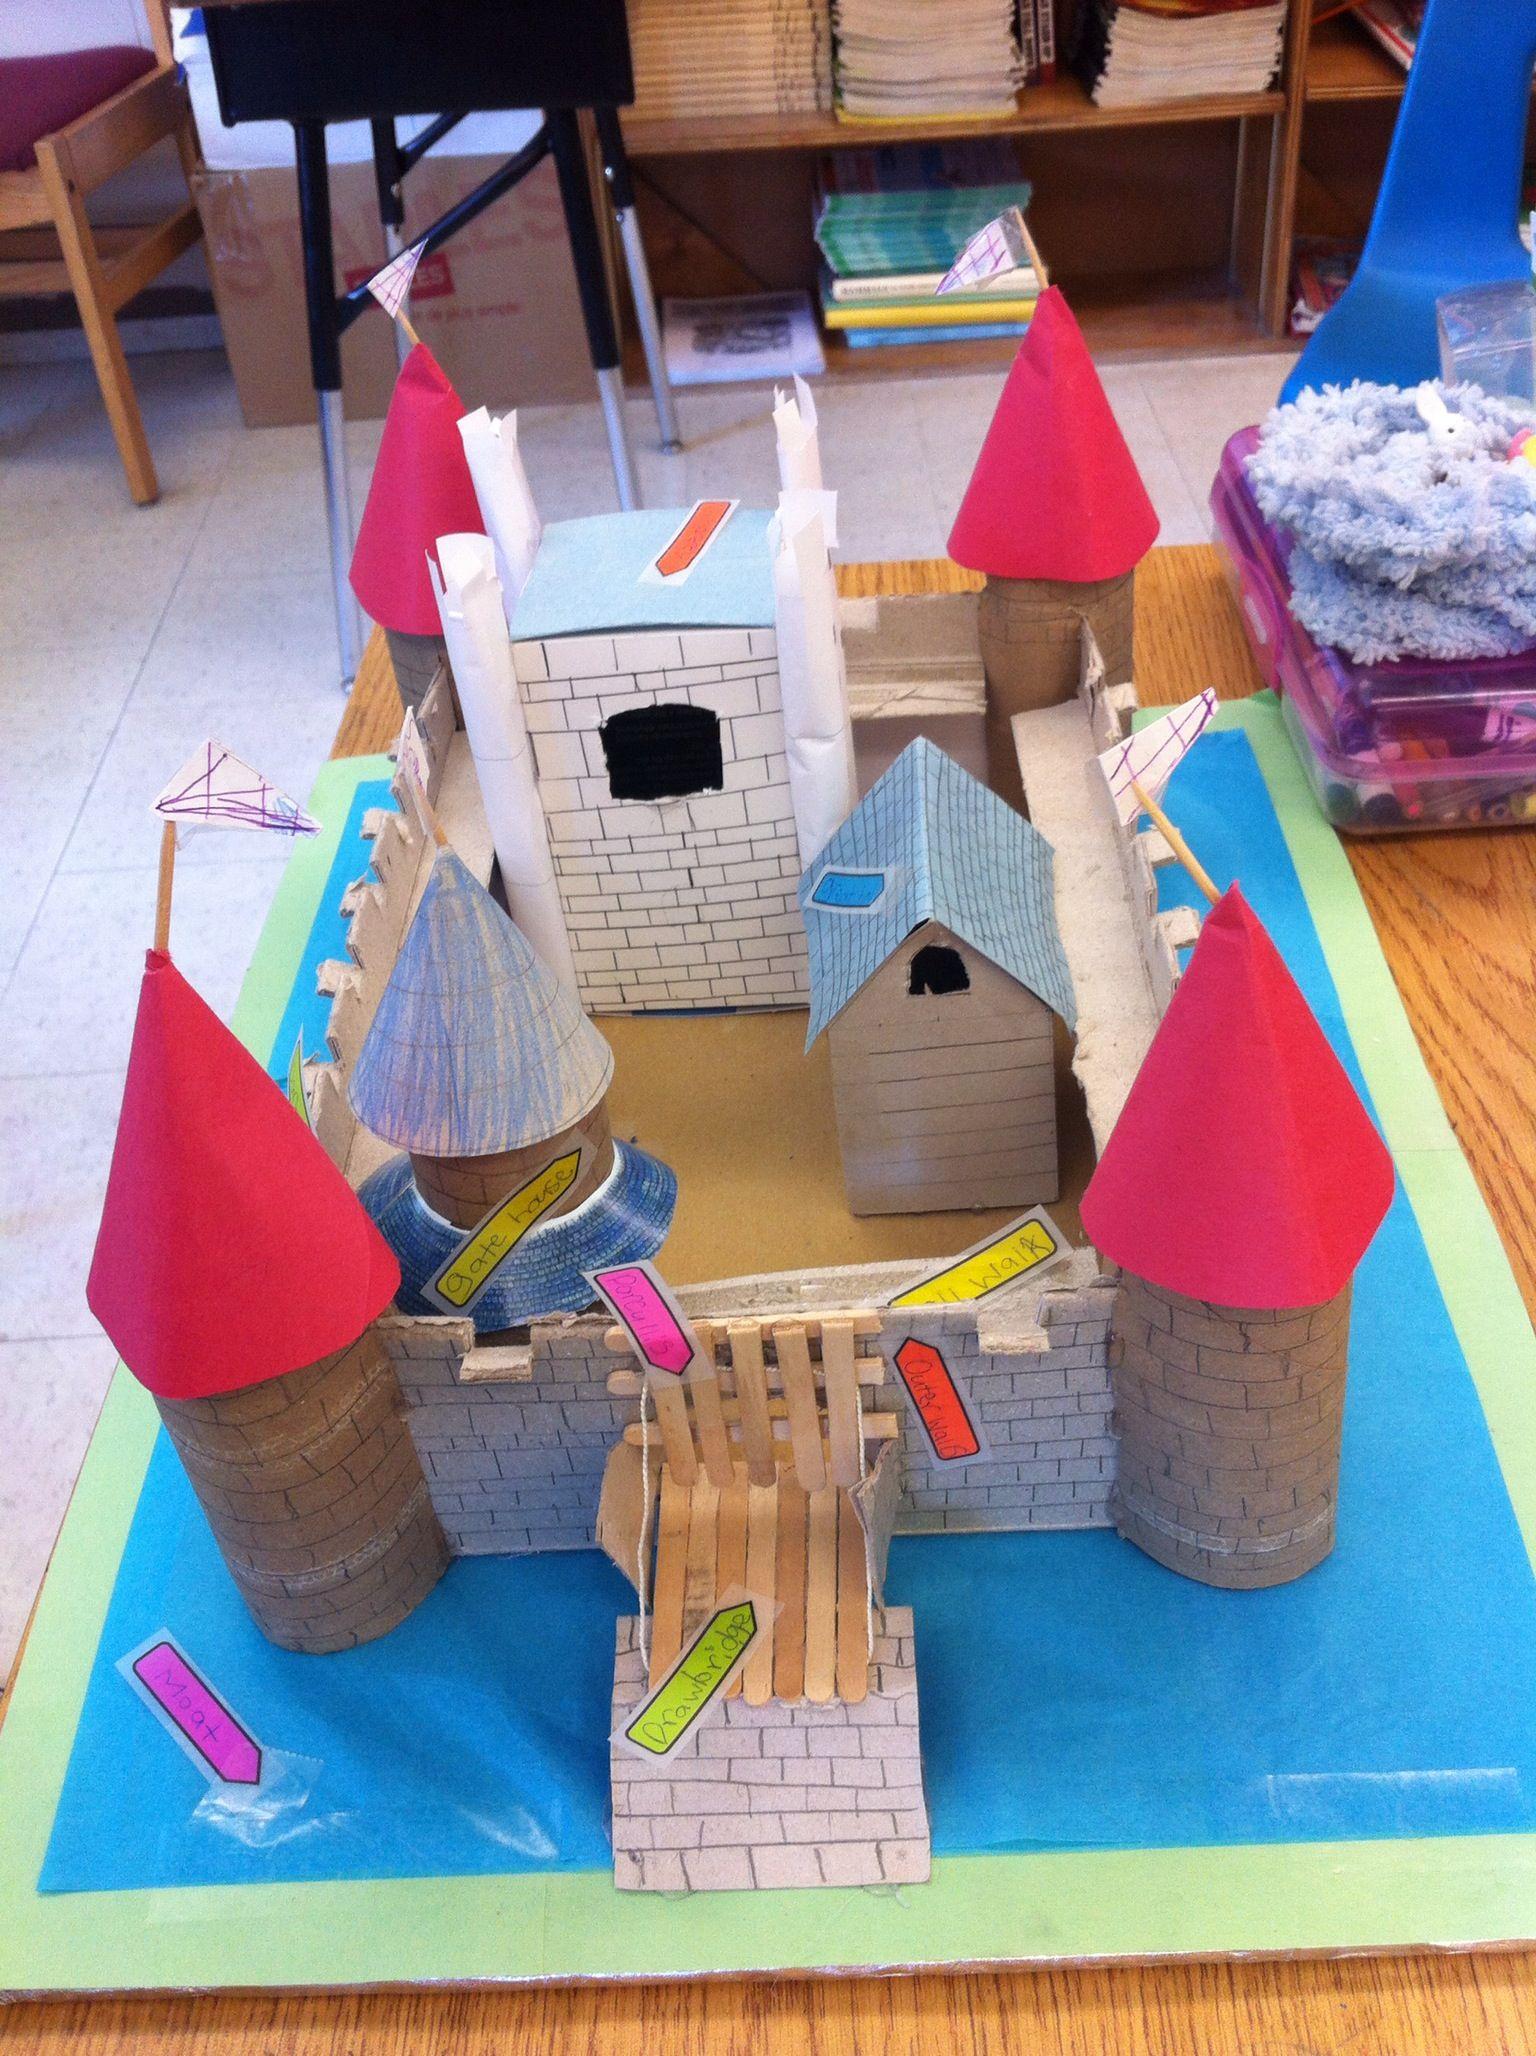 10 Cute School Project Ideas For Kids castle project school project kids castle castle project